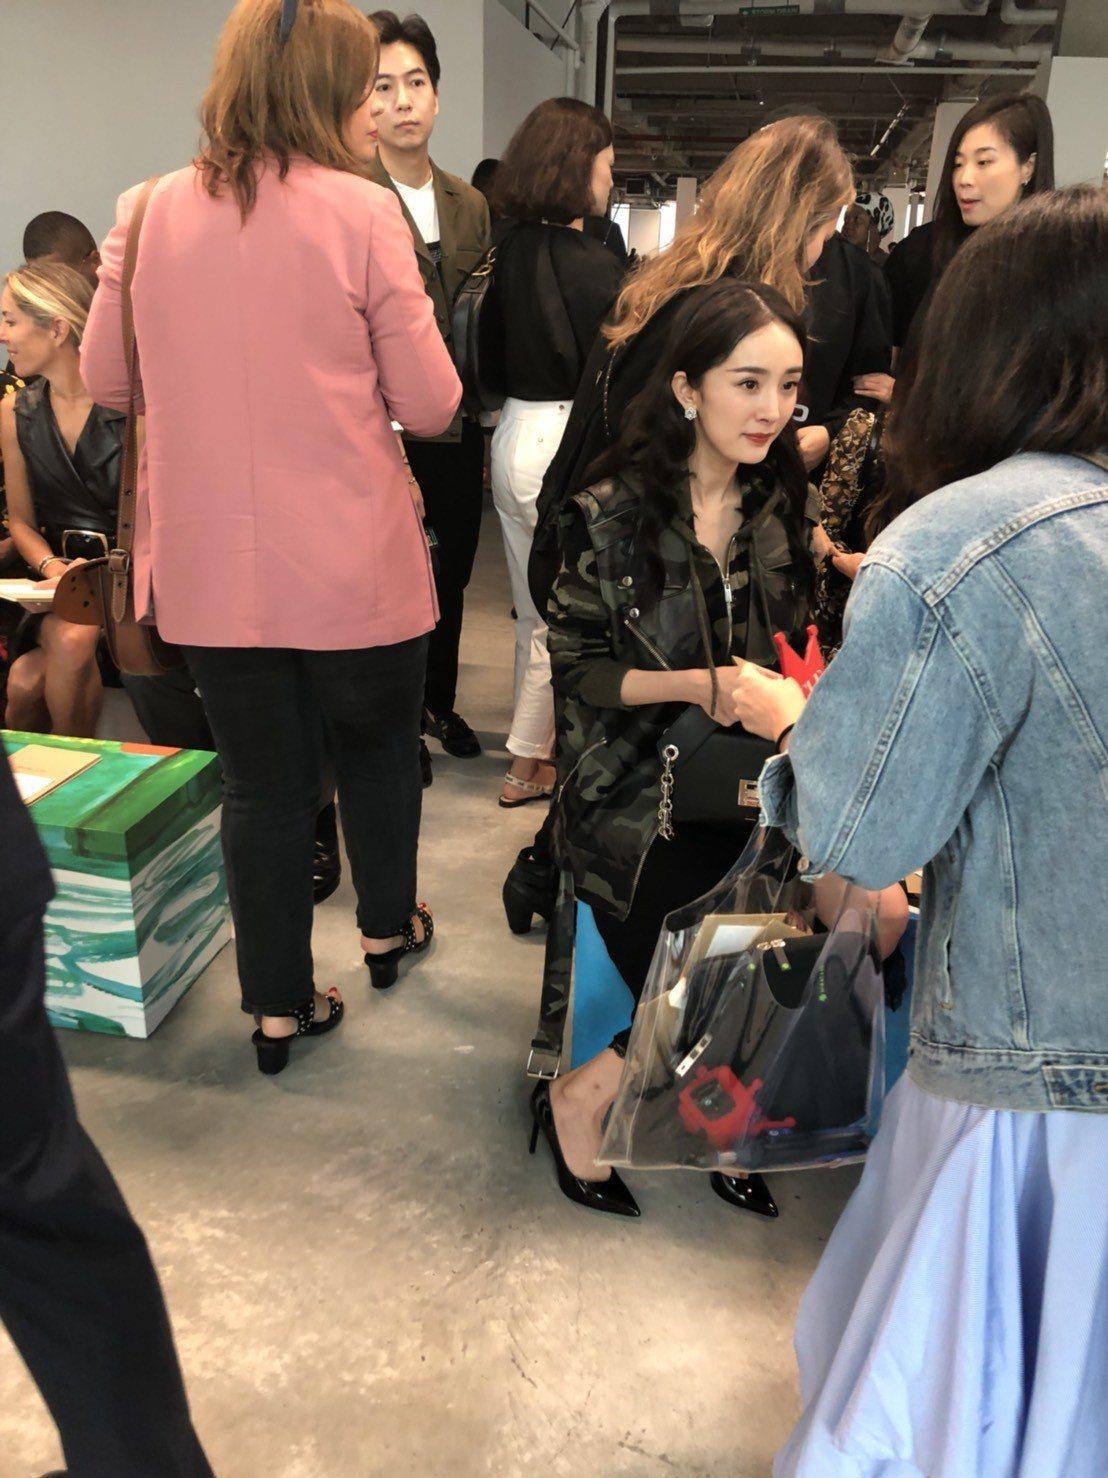 MK品牌大使楊冪出席2019春夏發表。記者楊詩涵/攝影